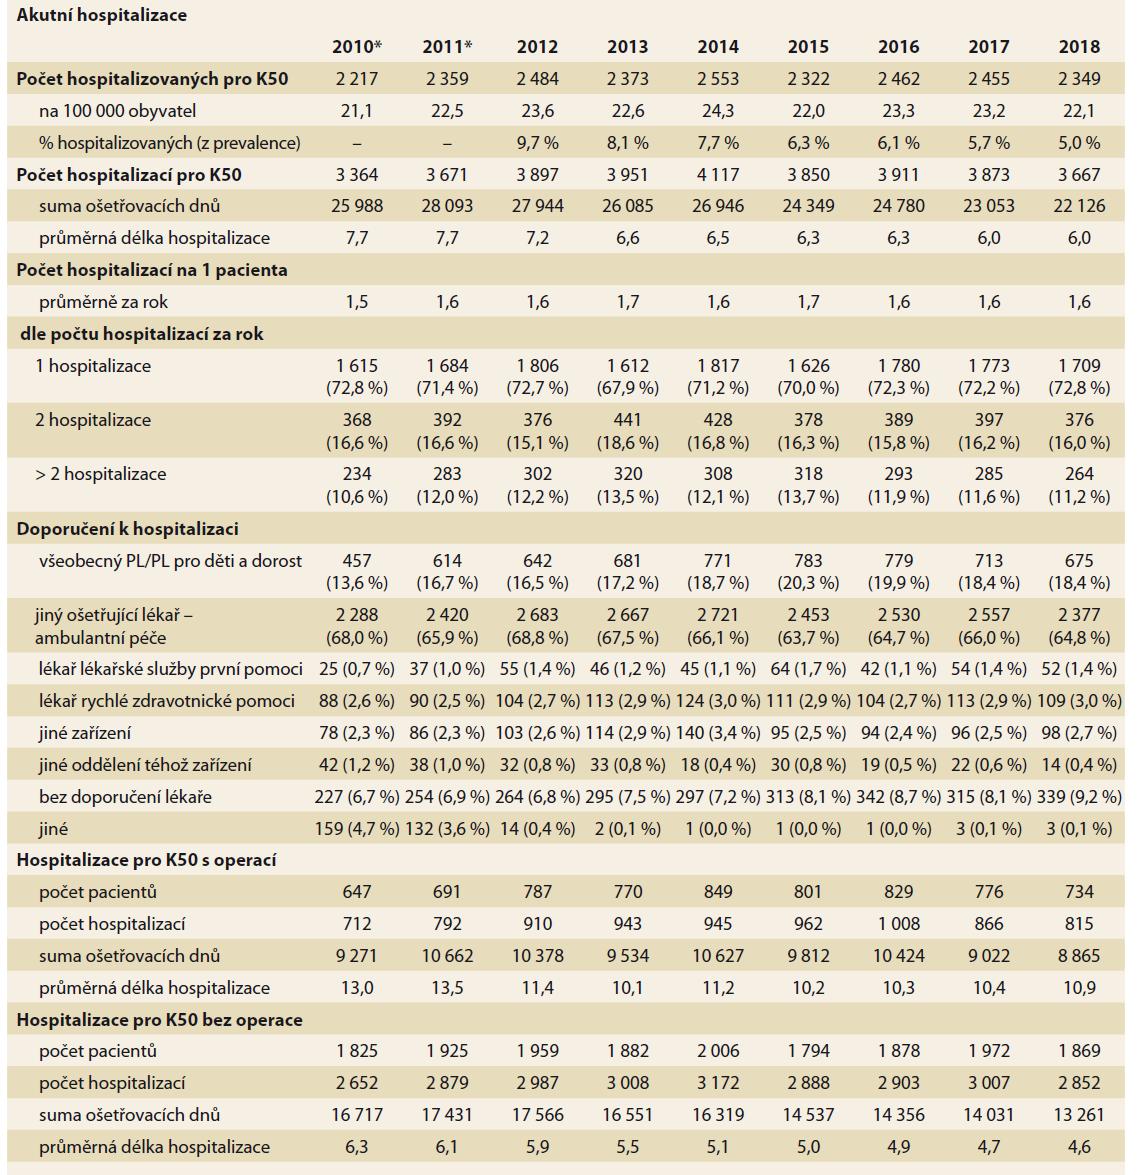 Hospitalizace pro Crohnovu nemoc (K50 je výslednou diagnózou hospitalizačního pobytu). Zdroj NRHZS 2010-2018.<br> Tab. 3. Hospitalization for Crohn's disease (K50 is the final diagnosis of hospital stay). Source: NRRHS 2010-2018.